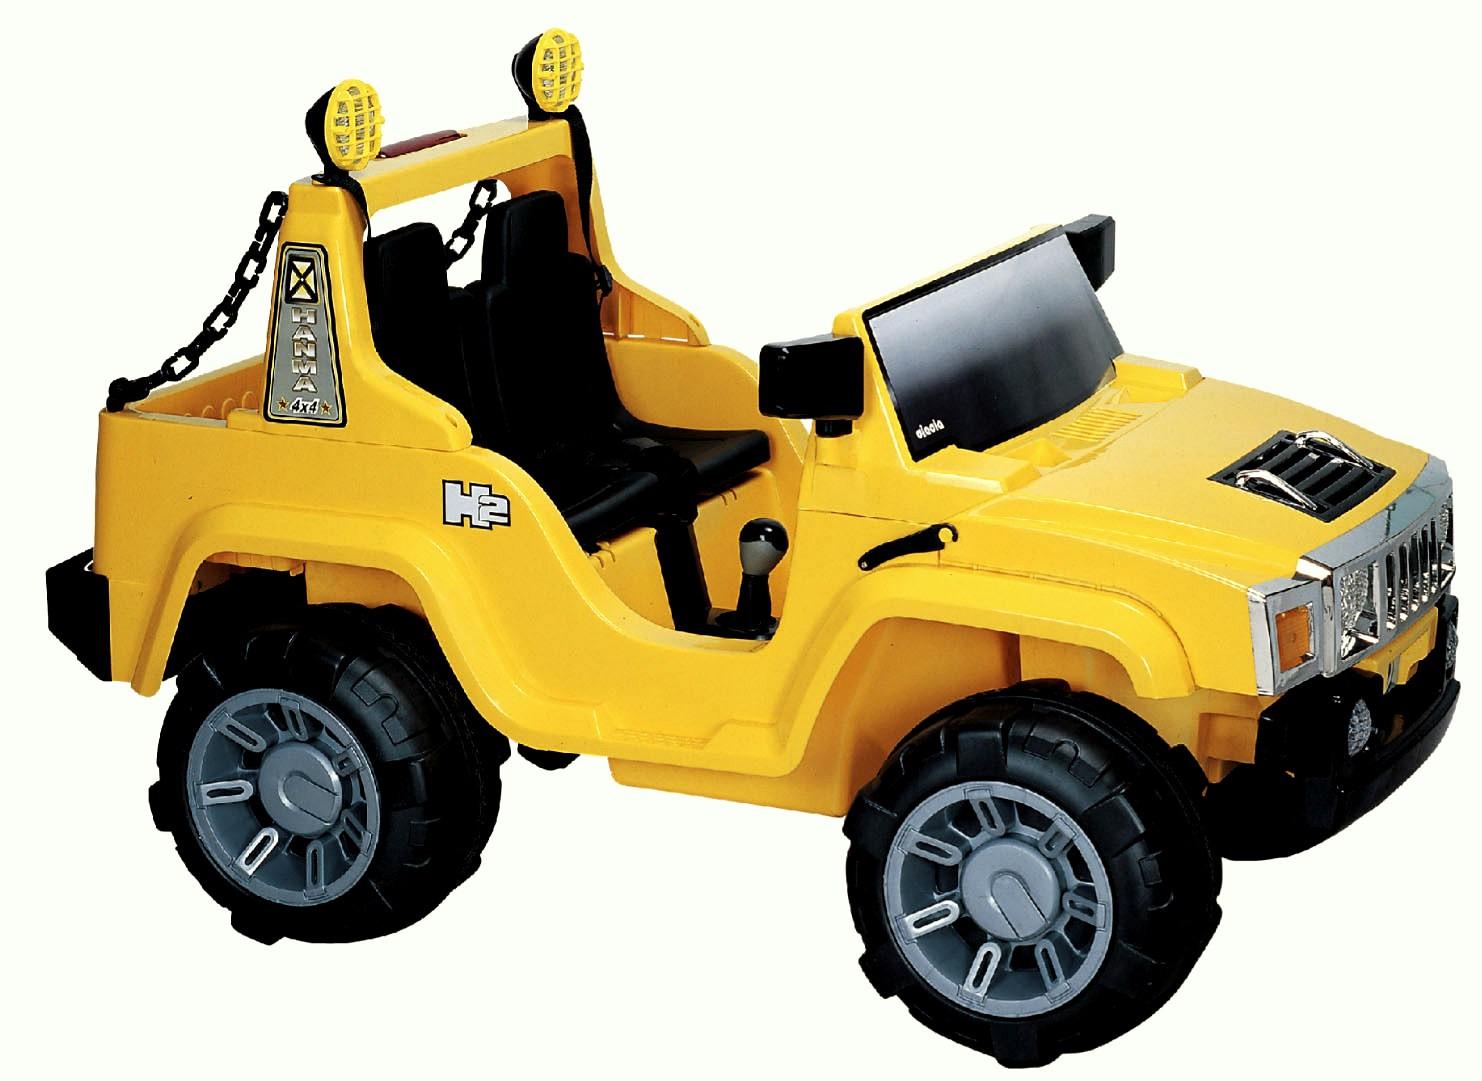 ChuChu Terénní auto pro dvě děti, 2 sedadla a 2 motory, FM rádio, žluté